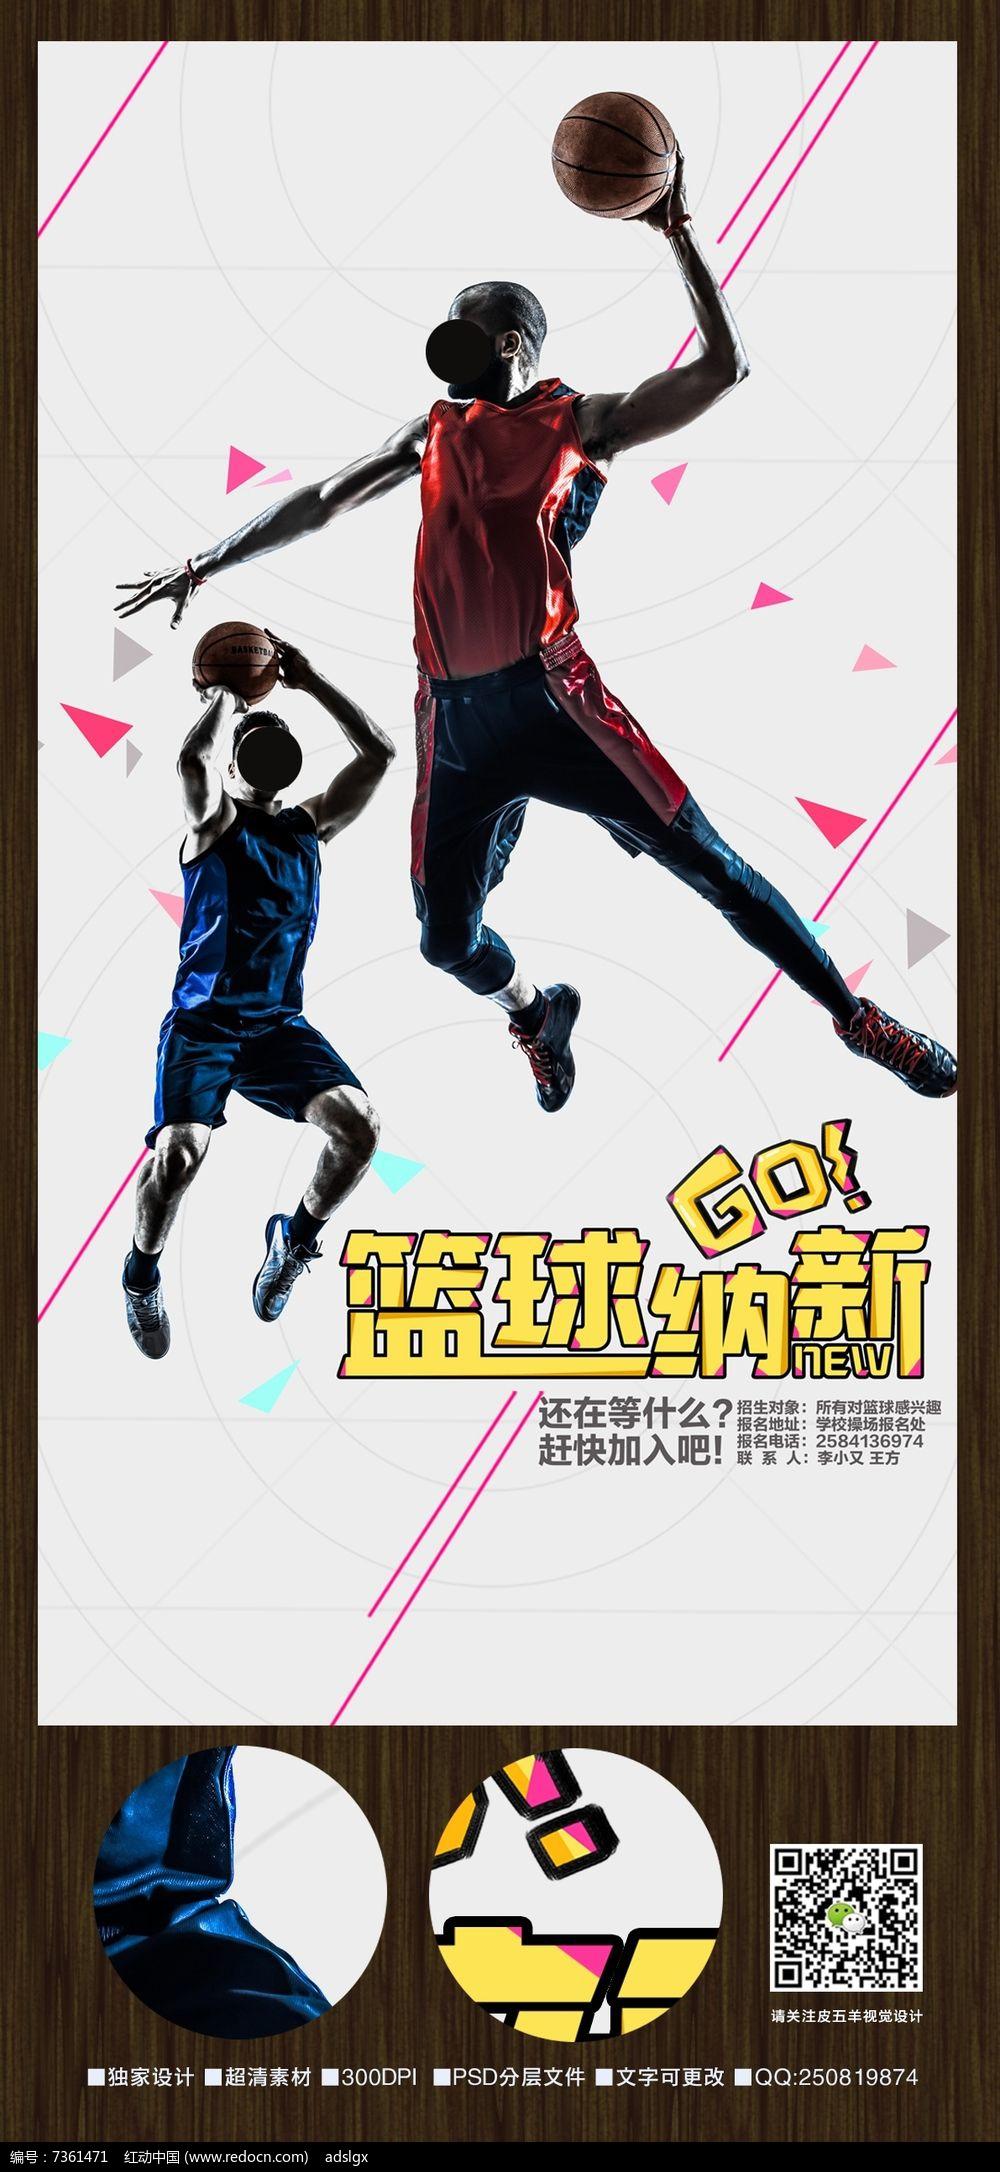 简约篮球社招新海报